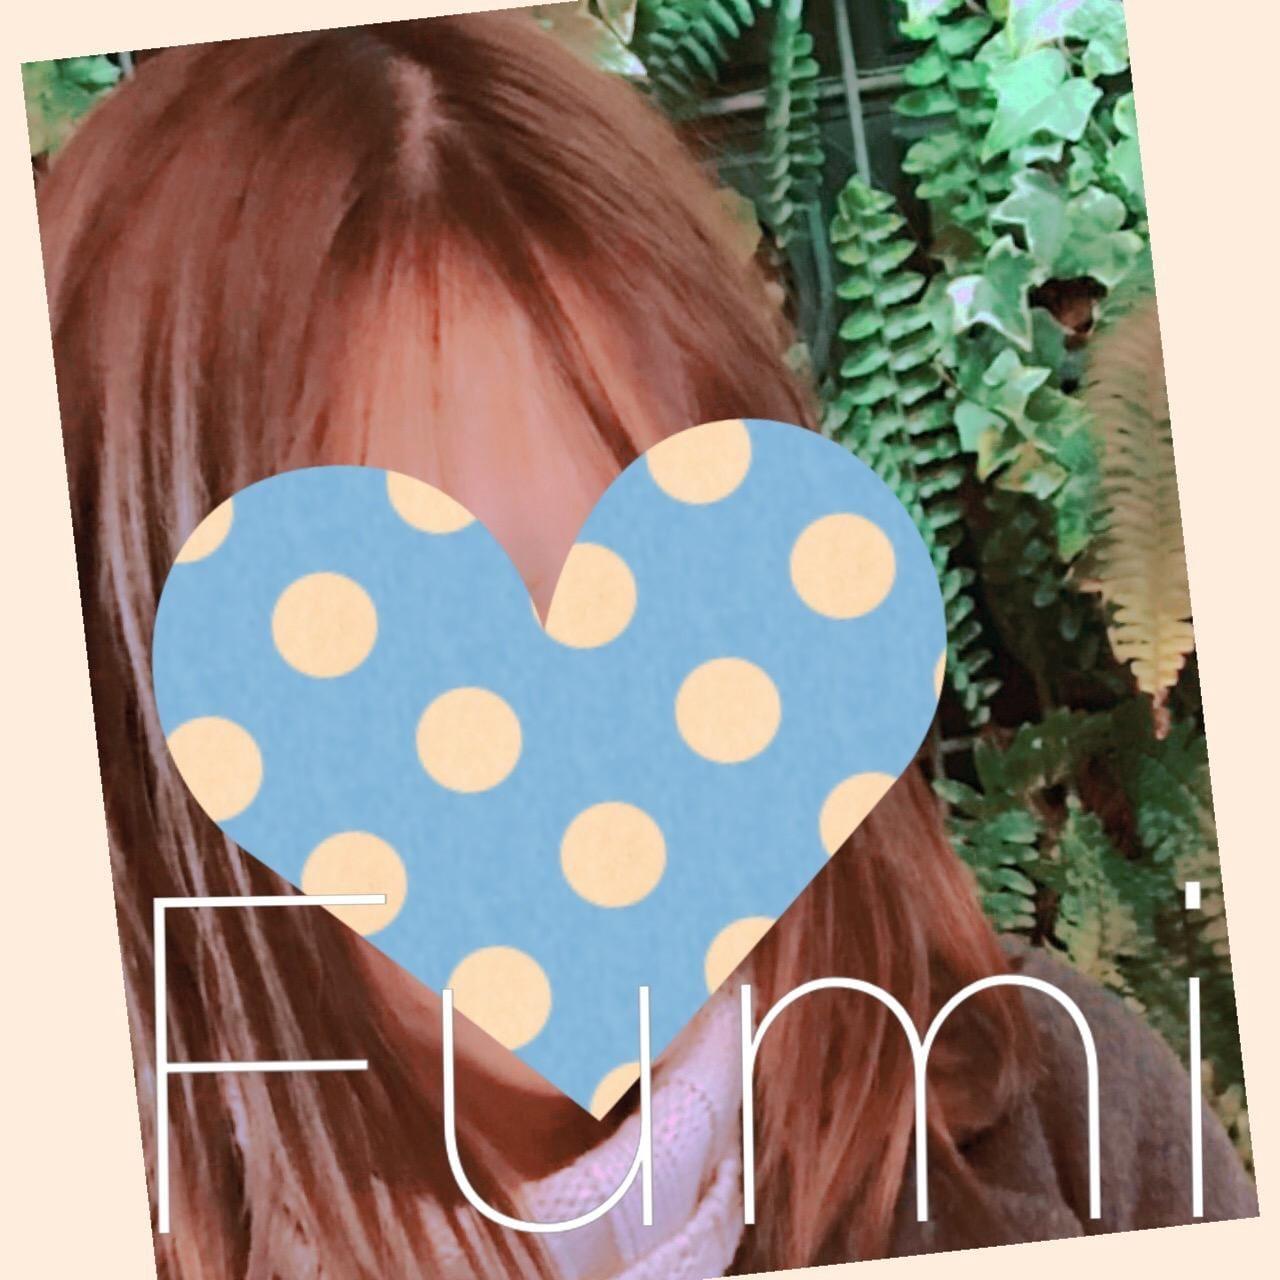 「ふみちゃん♪」06/06(土) 15:14 | ふみの写メ・風俗動画